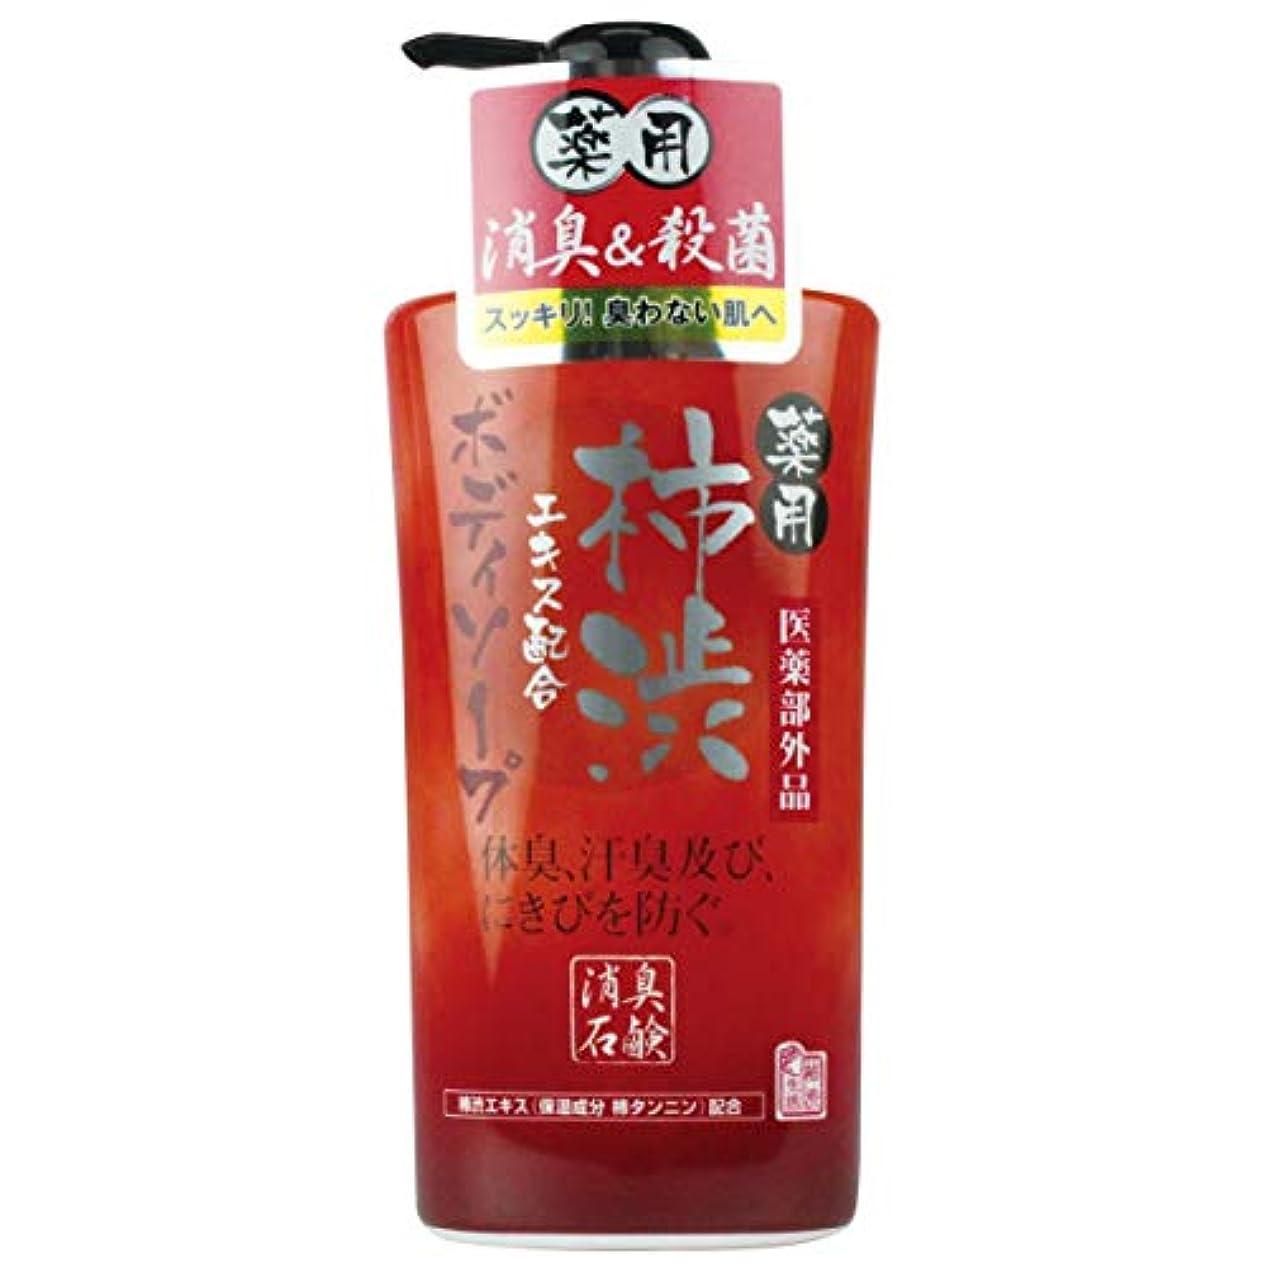 希少性後悔提唱する薬用柿渋 ボディソープ 550mL 【医薬部外品】